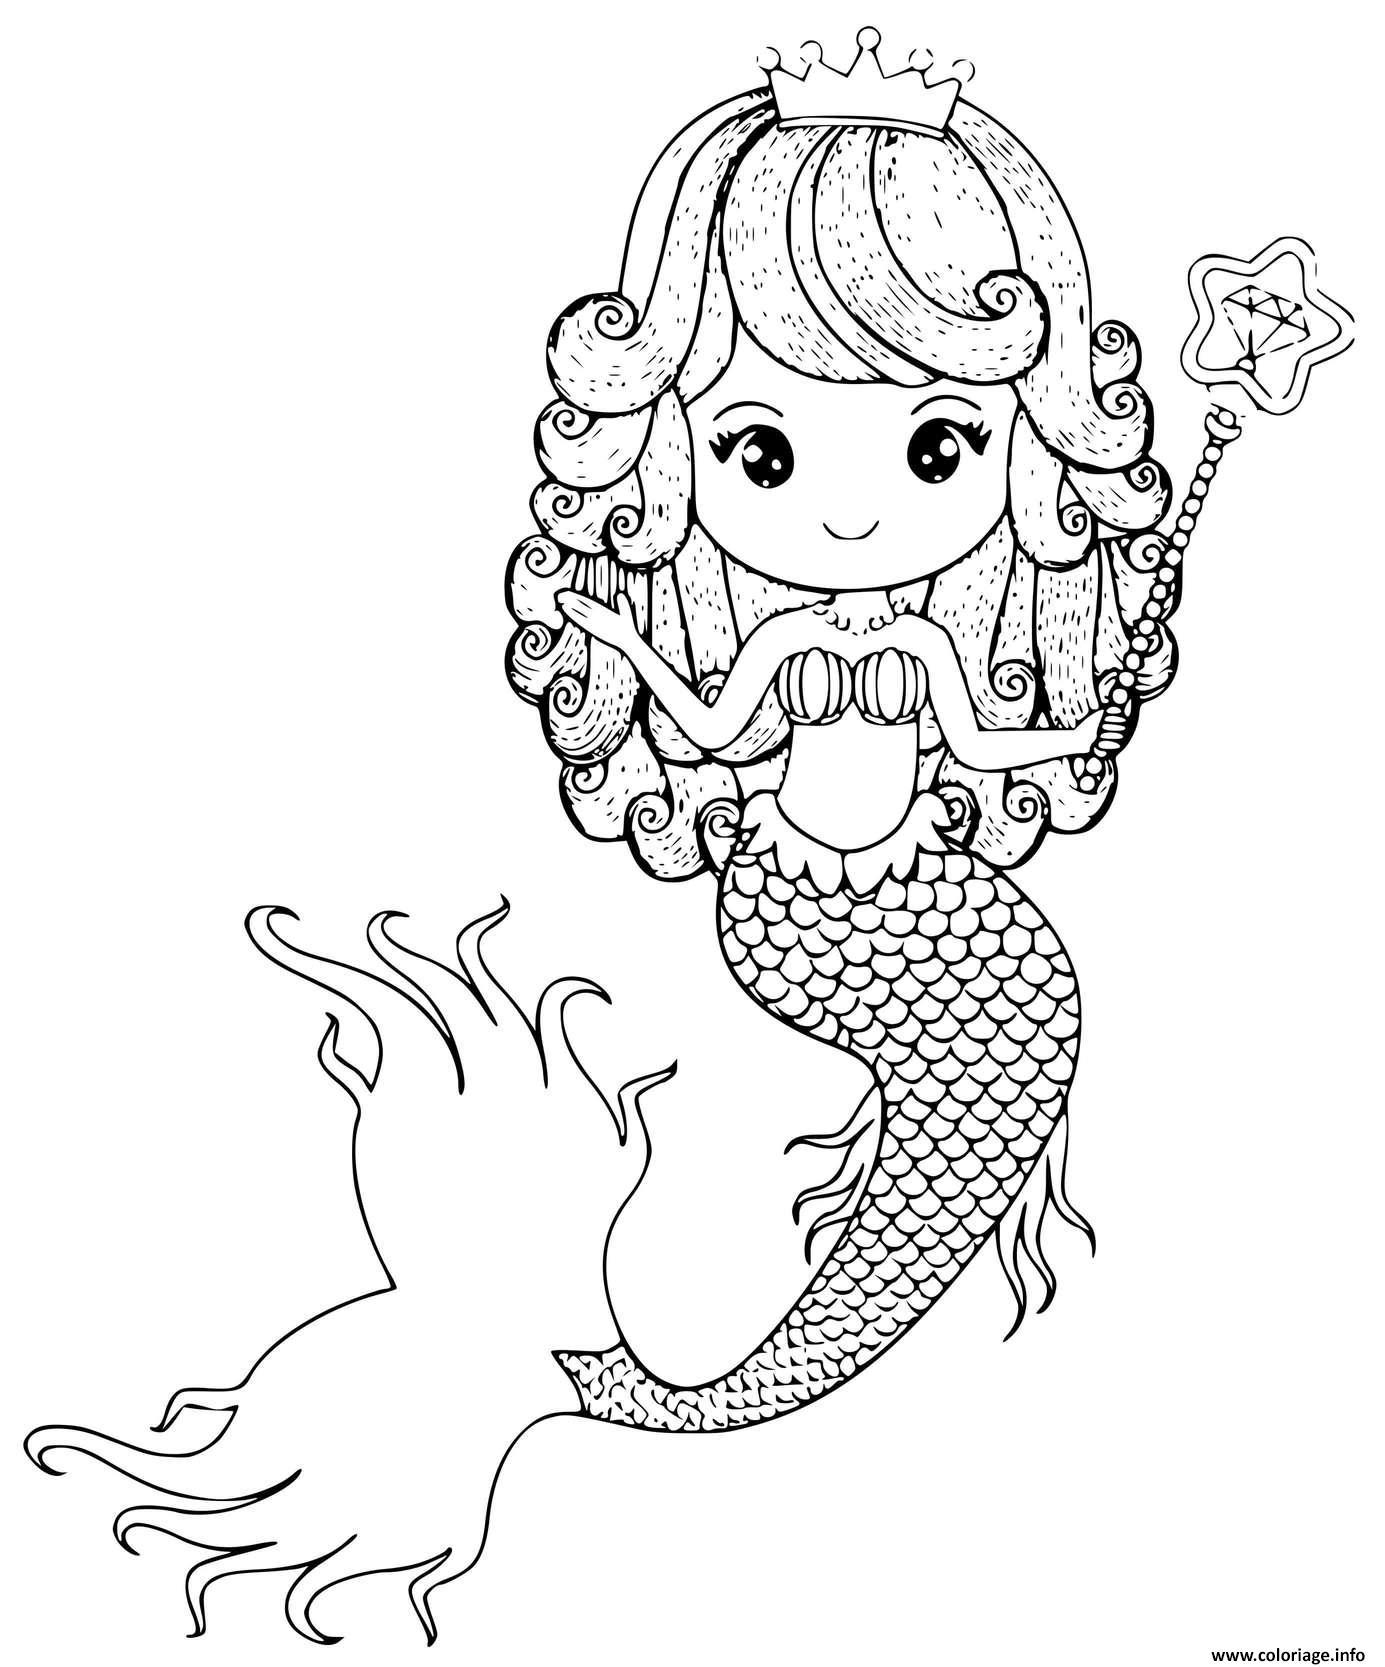 Dessin Princesse sirene avec une baguette et une couronne Coloriage Gratuit à Imprimer